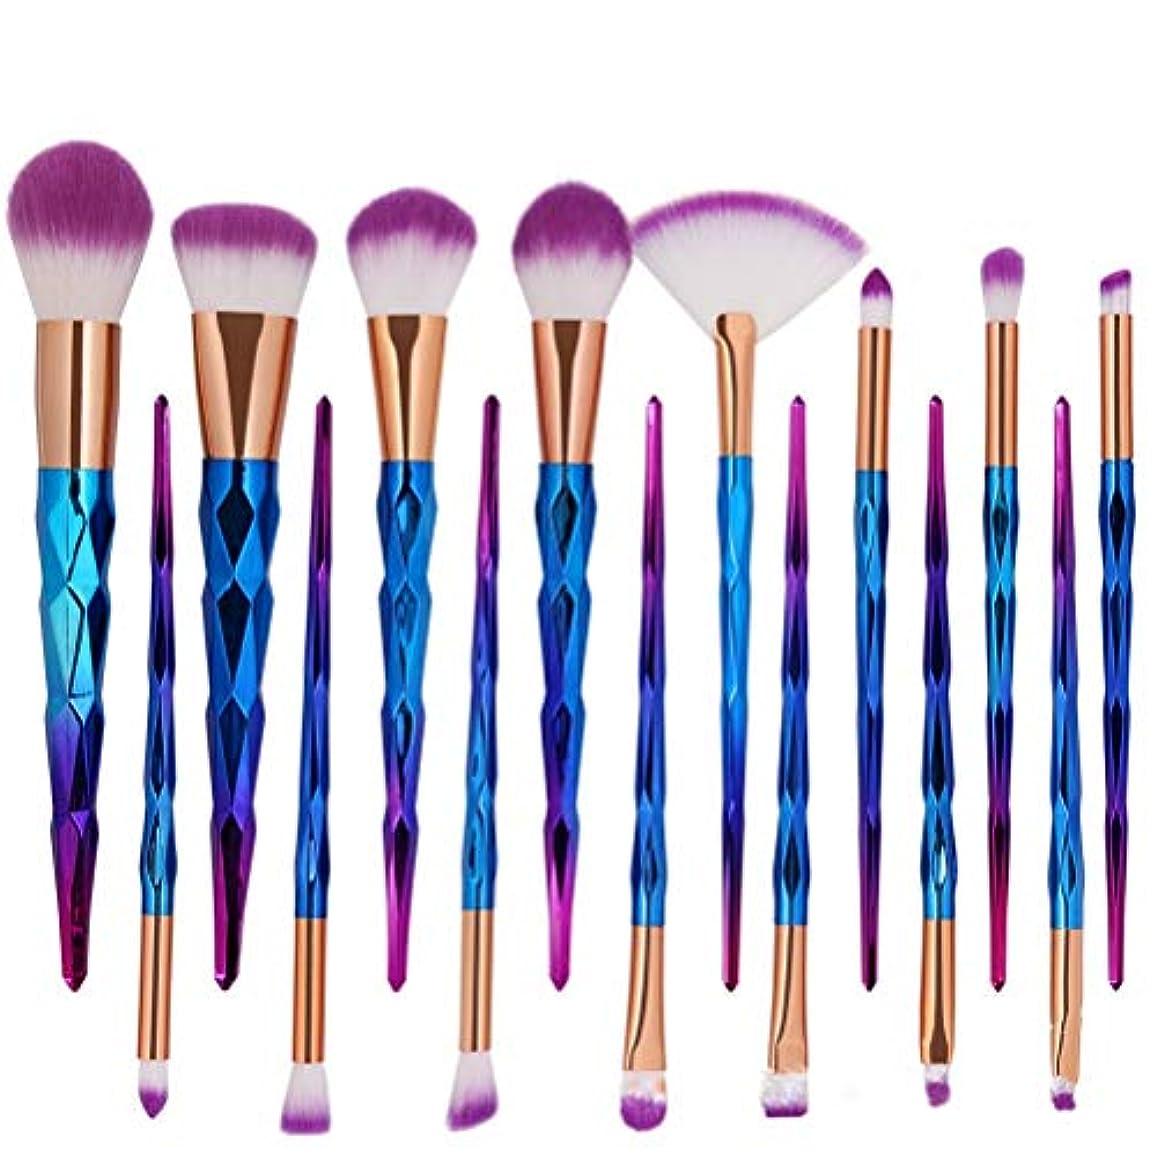 失態公鎮静剤LSHJP 化粧ブラシ 15個 不規則な 個性的 柔らか 安心 便利 ファッション 自然 ビューティー 高品質 高品質 (Color : Purple, Size : ワンサイズ)